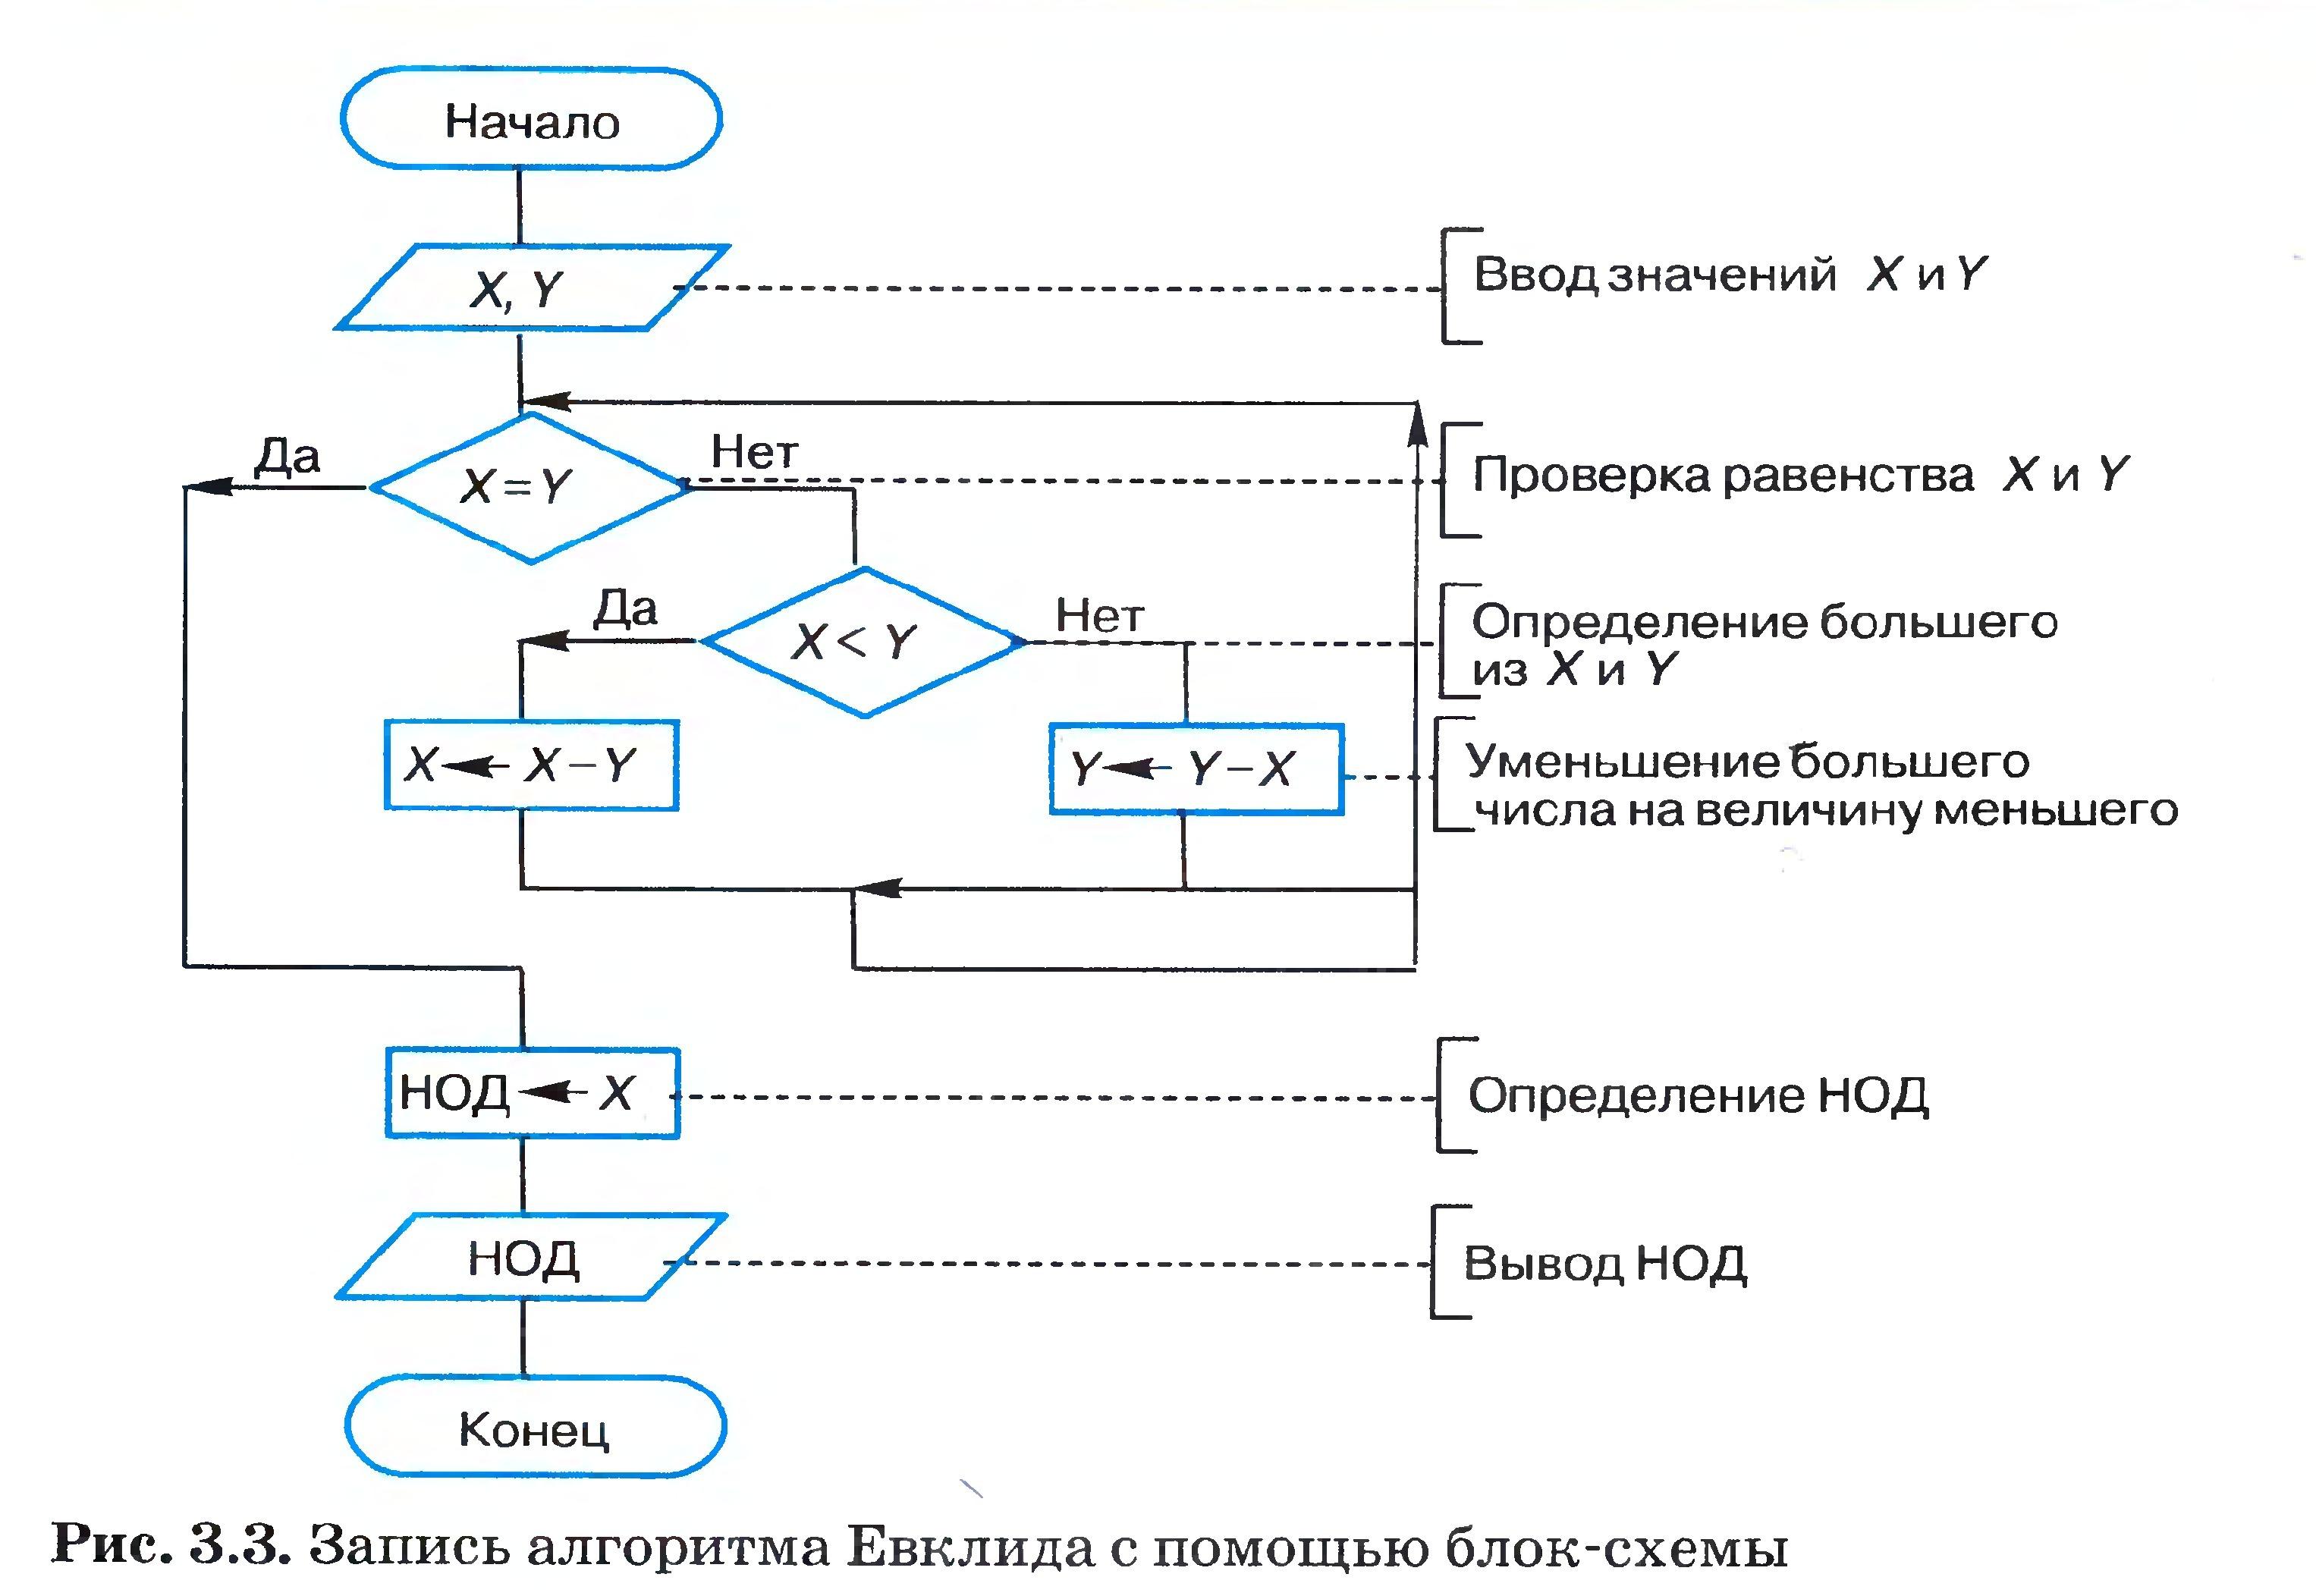 Блок схема алгоритма евклида фото 82